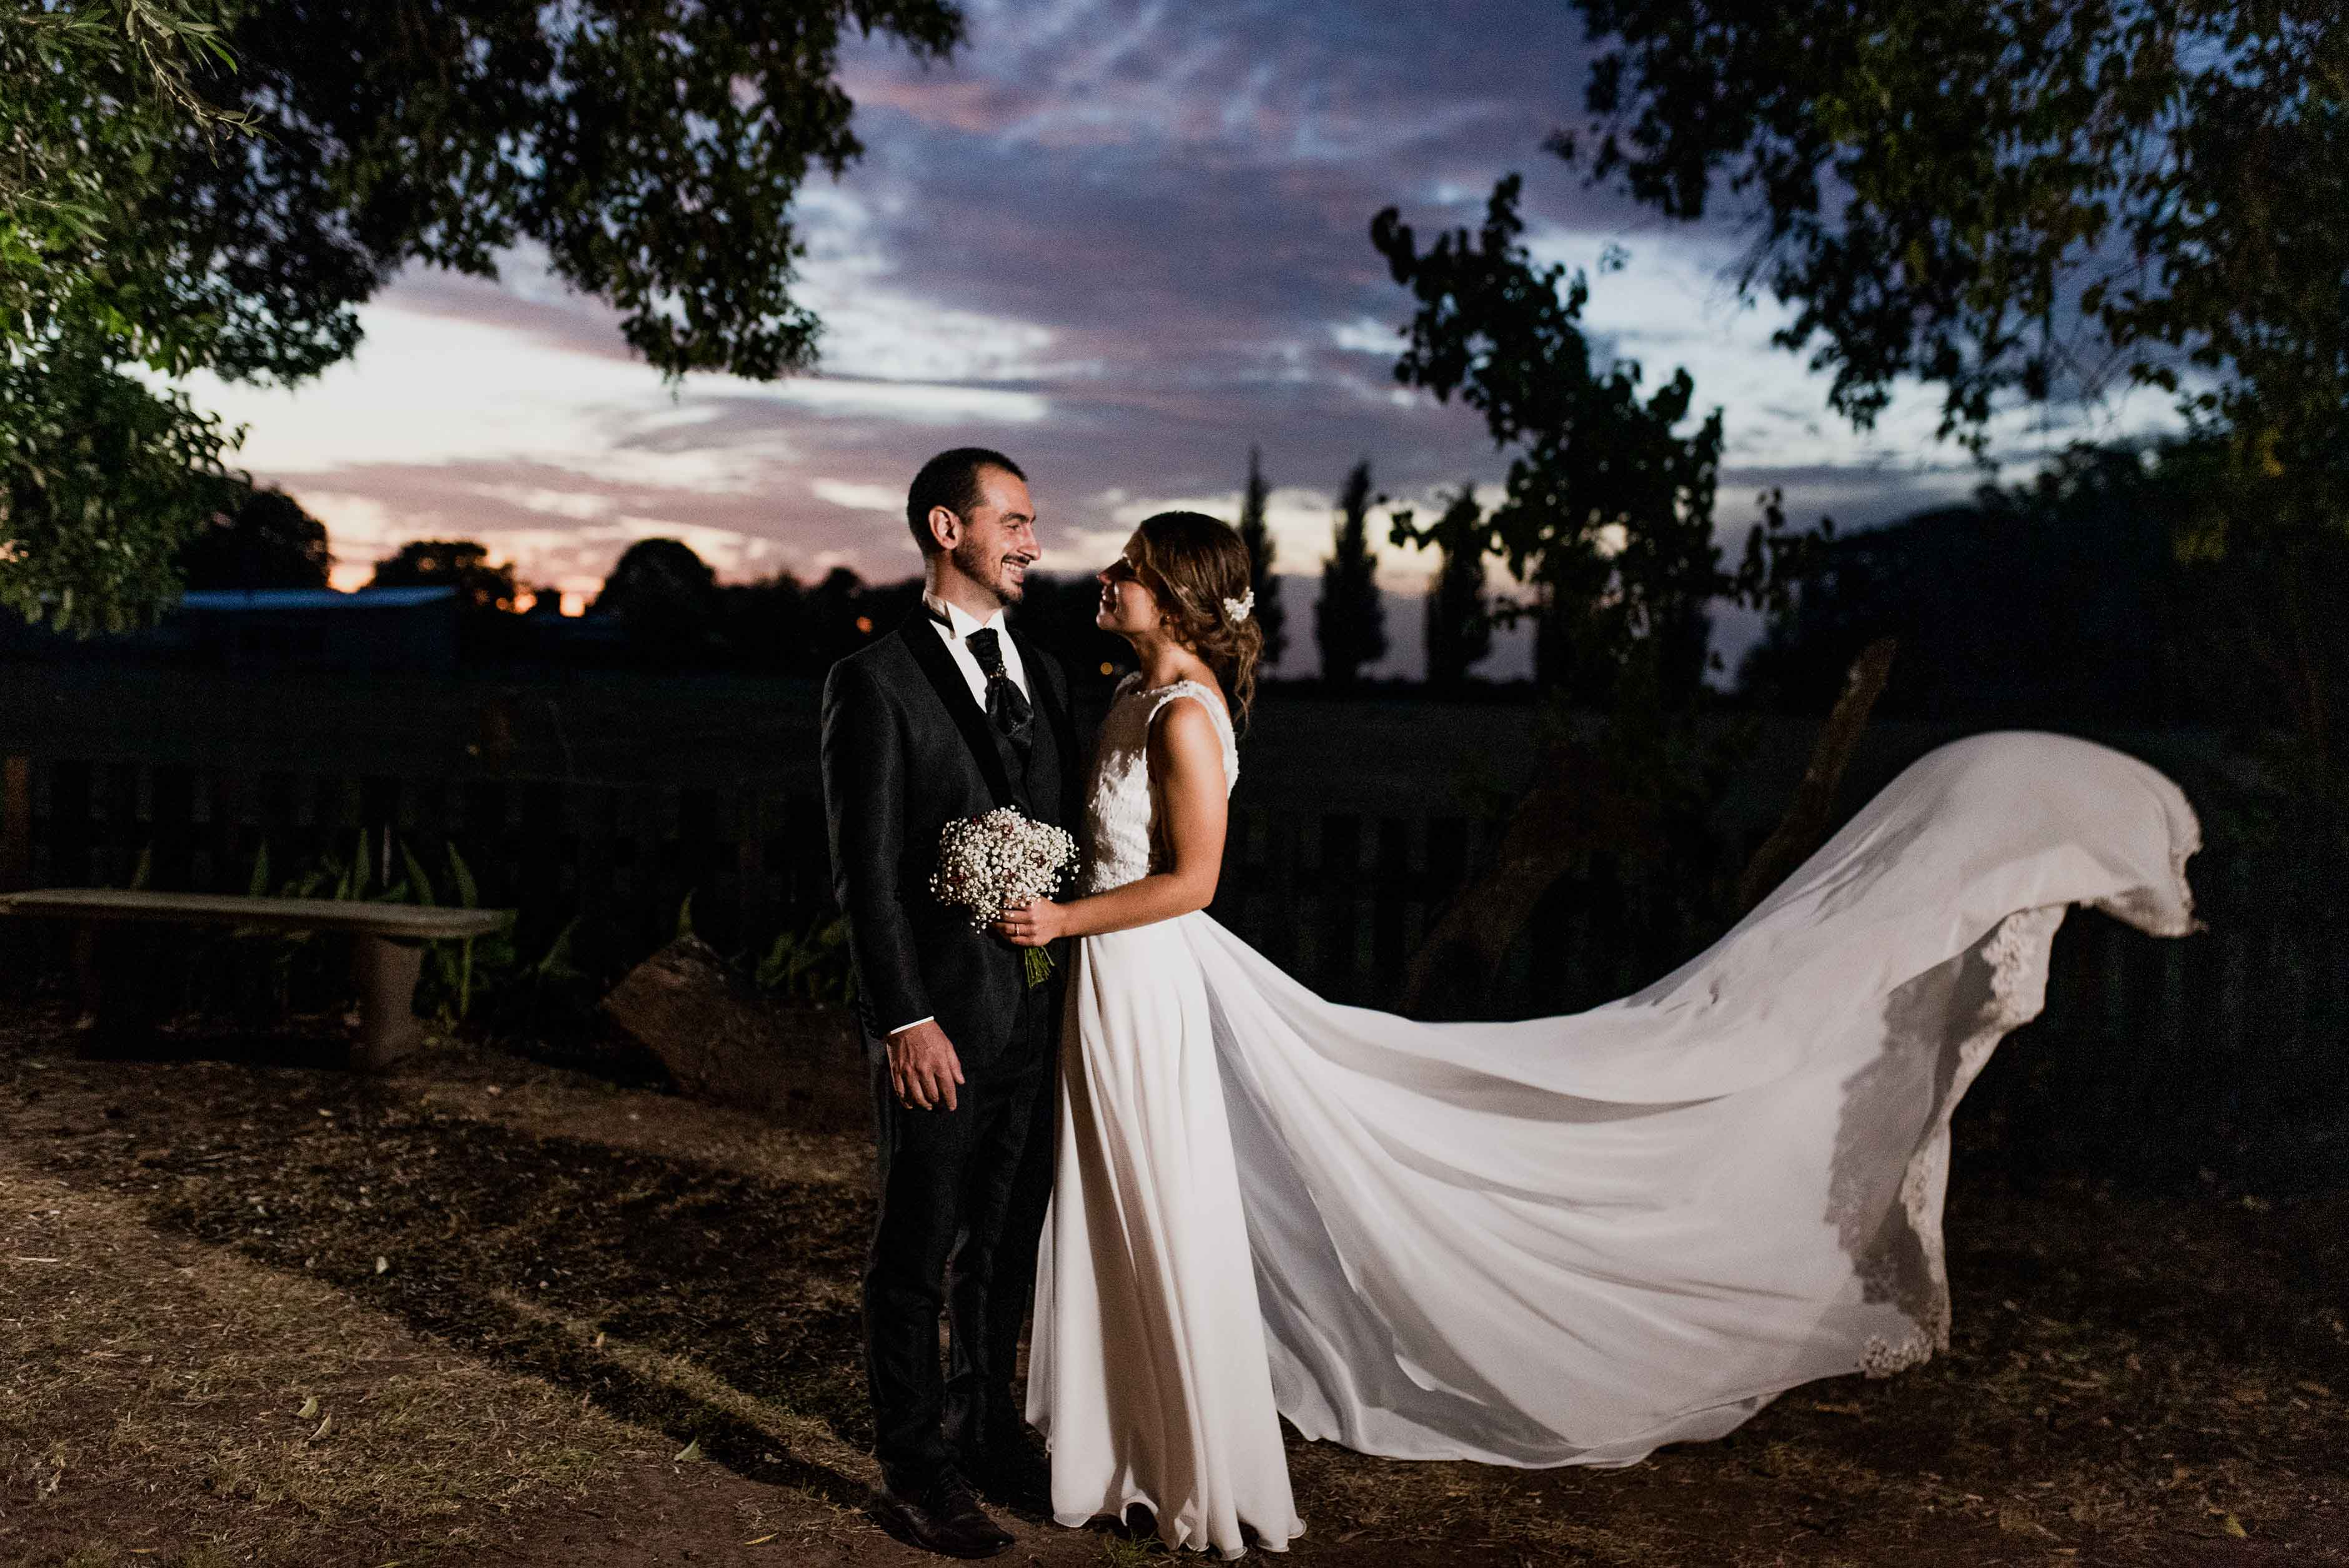 Fotos de la boda de Ani y Munir en Rosario realizadas por Bucle Fotografias Flor Bosio y Caro Clerici